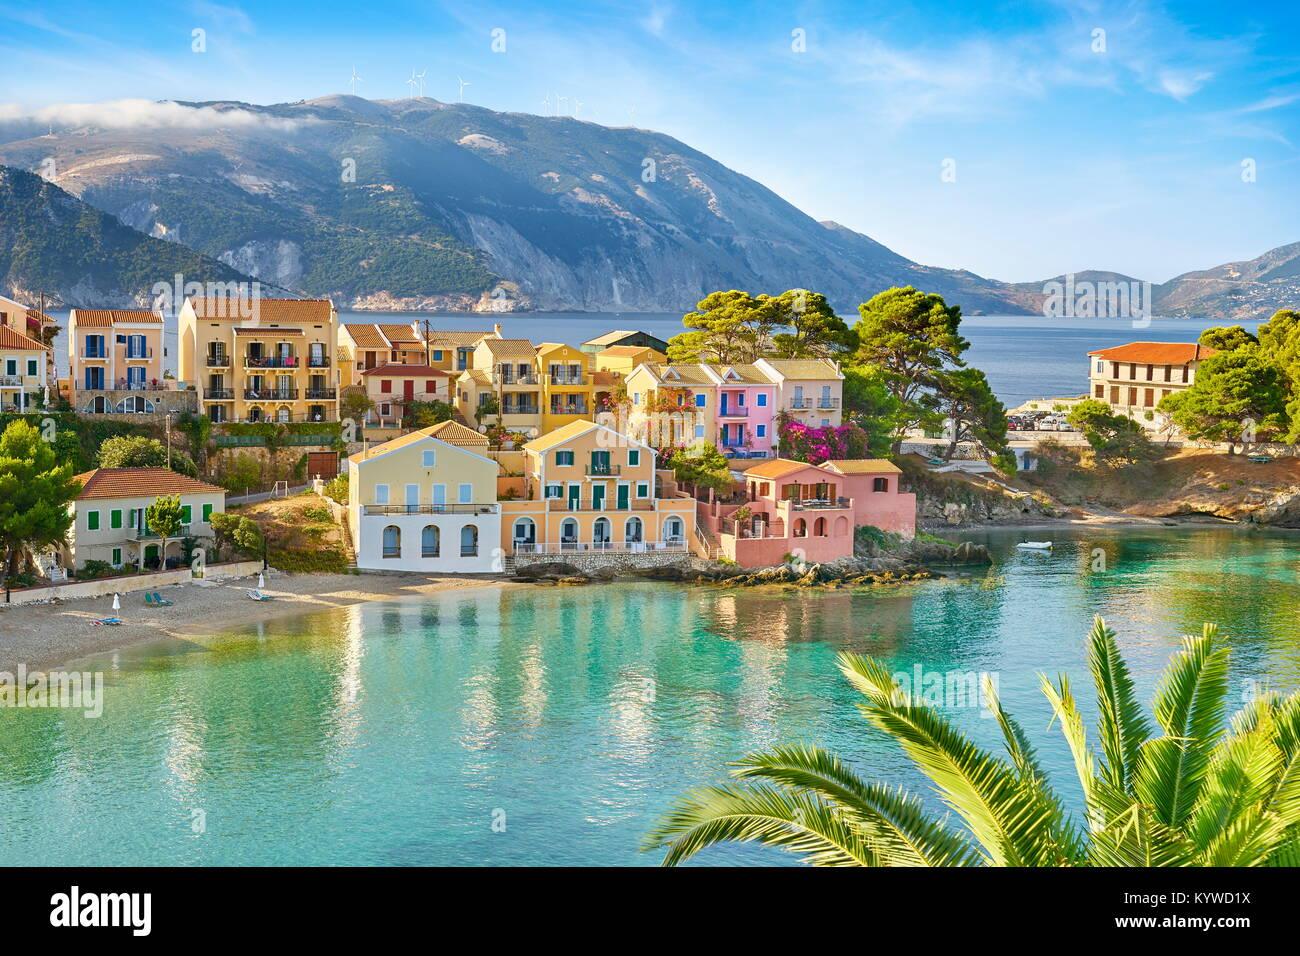 Village d'Assos, l'île de Céphalonie, Grèce Photo Stock